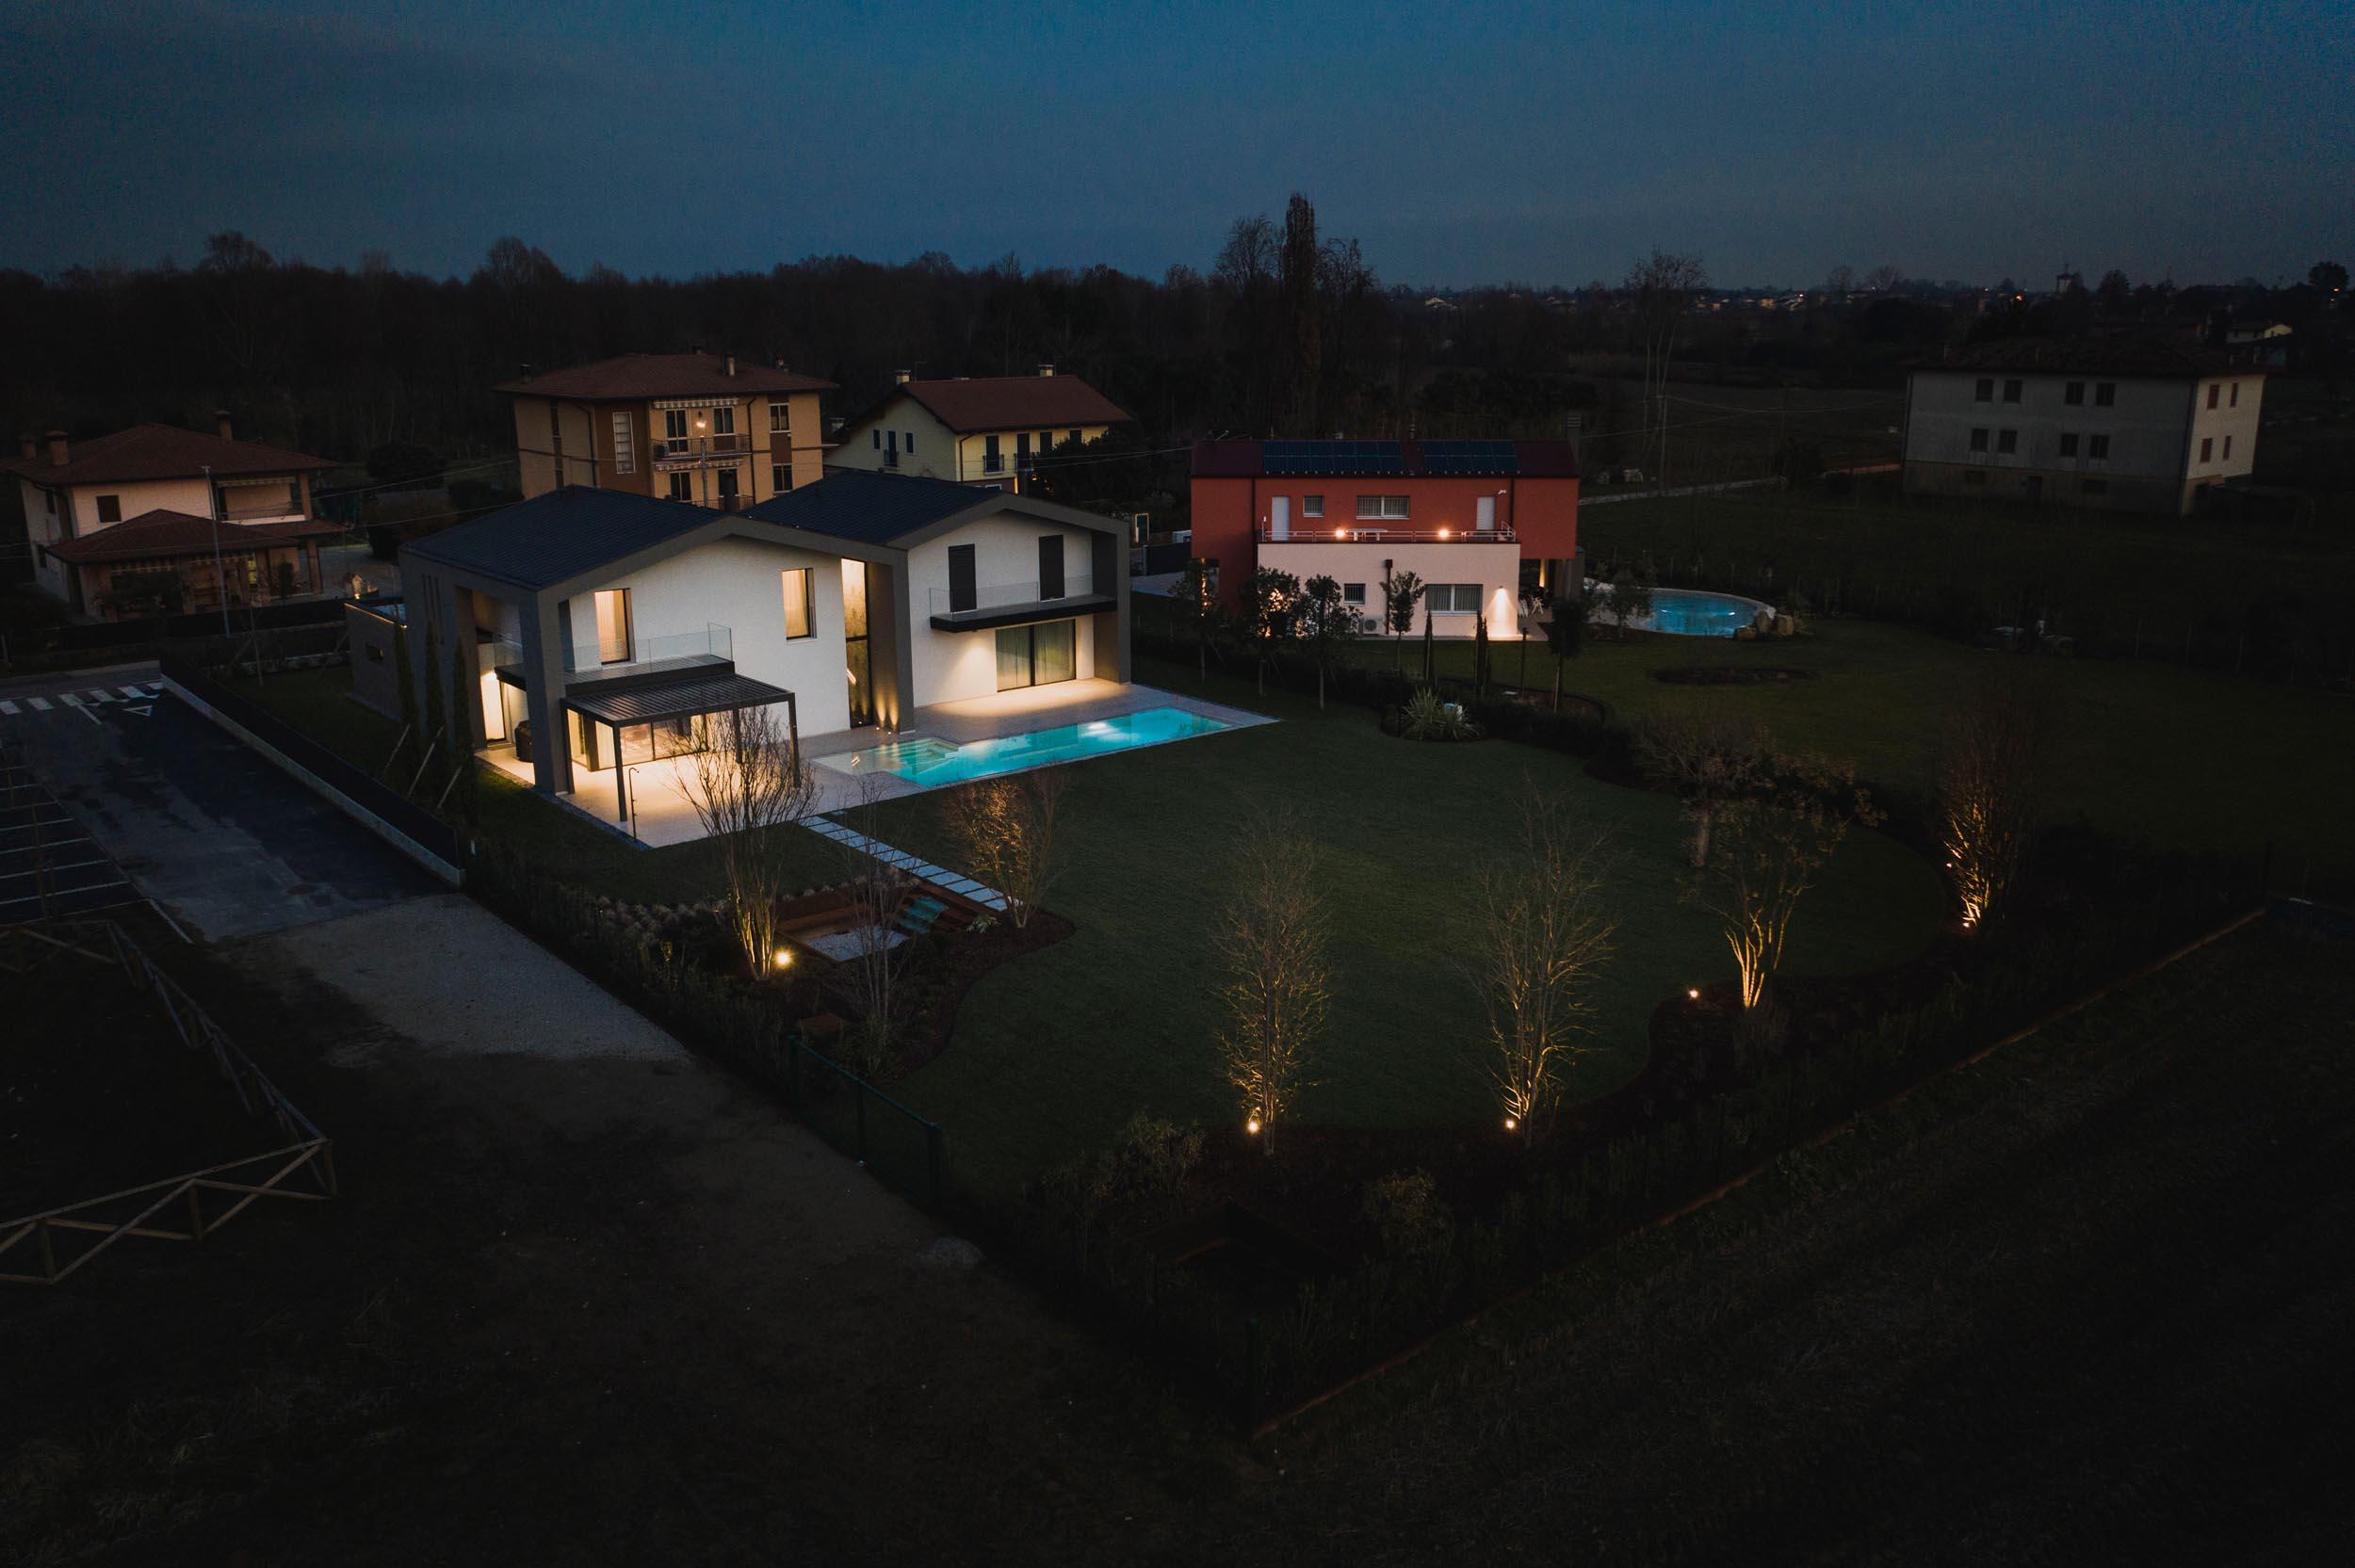 OLEV_esterno_piscina (2)_superior_guglie_illuminazione_viilla_vicenza_lampade_led_giardino